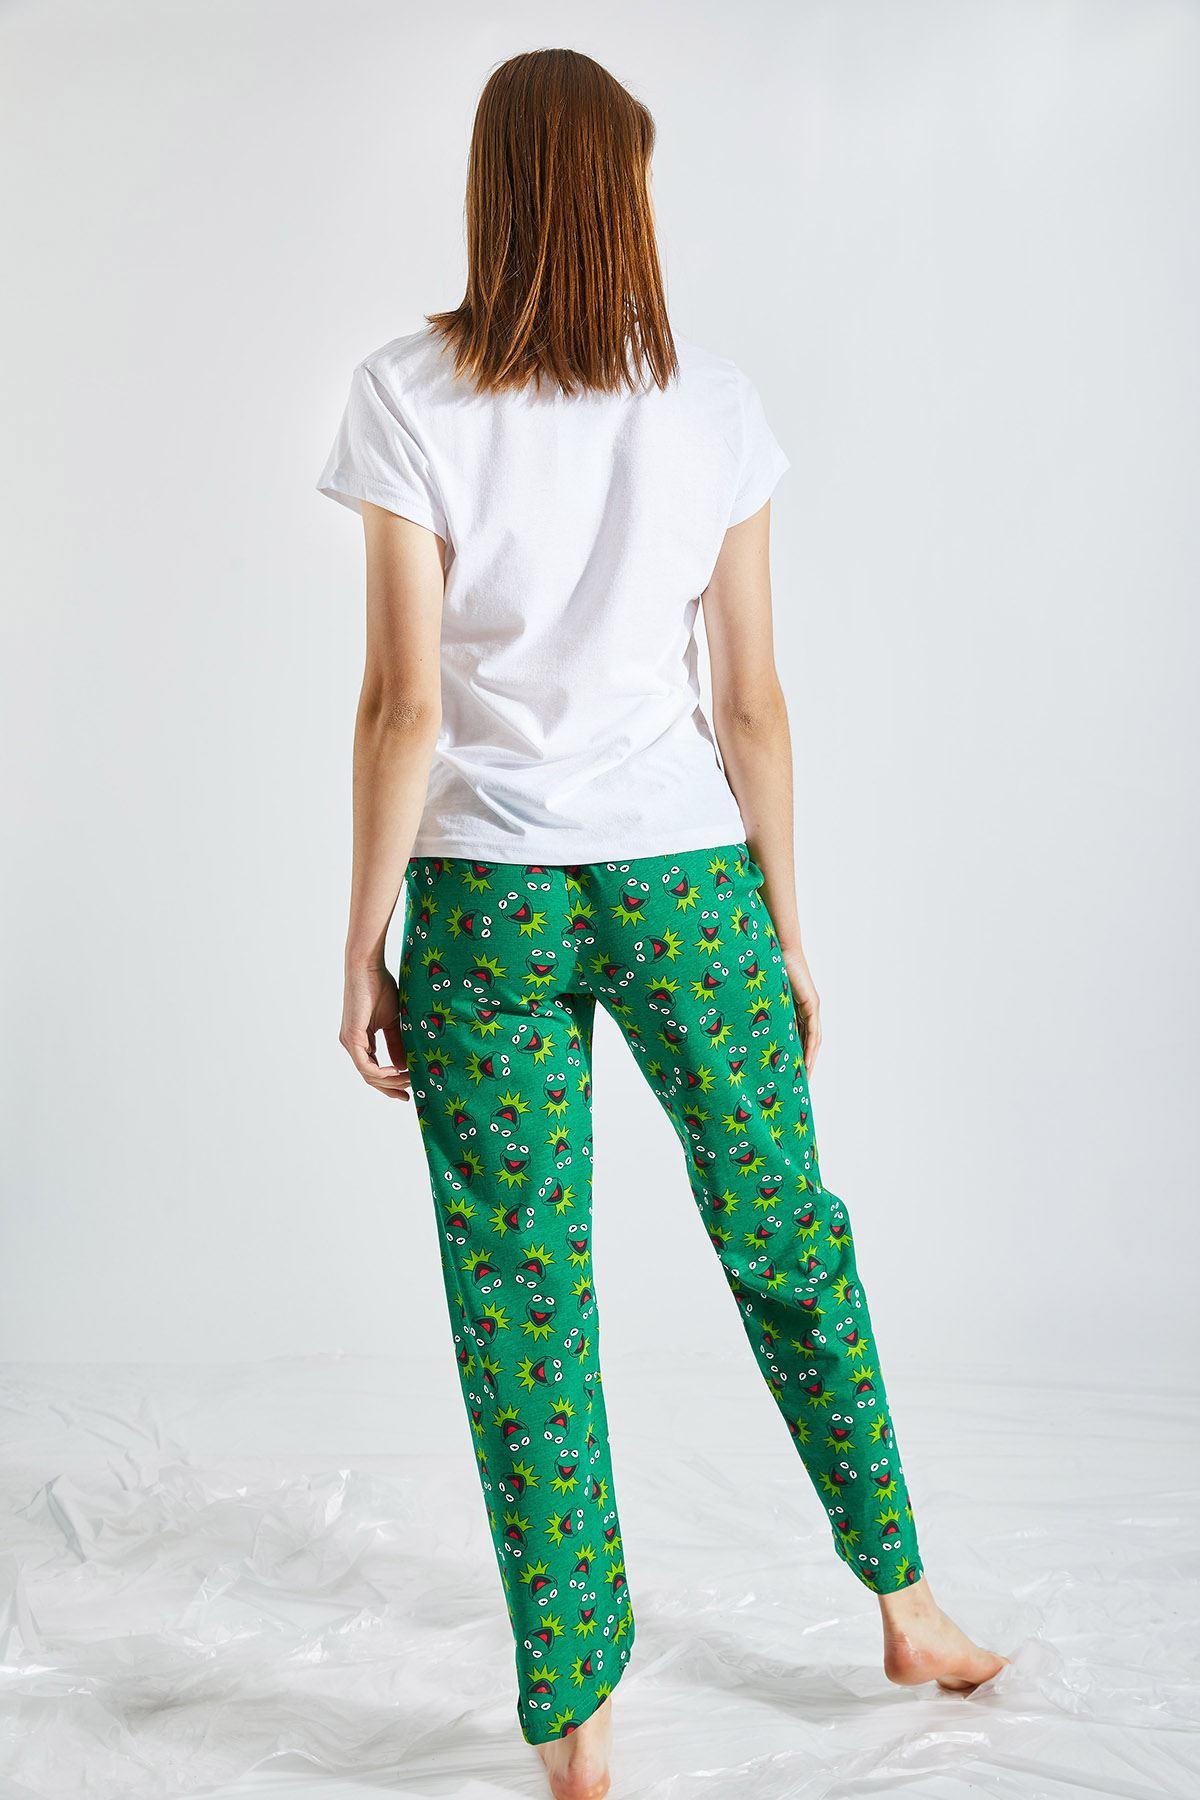 Kadın Baskılı Haki Pijama Takımı